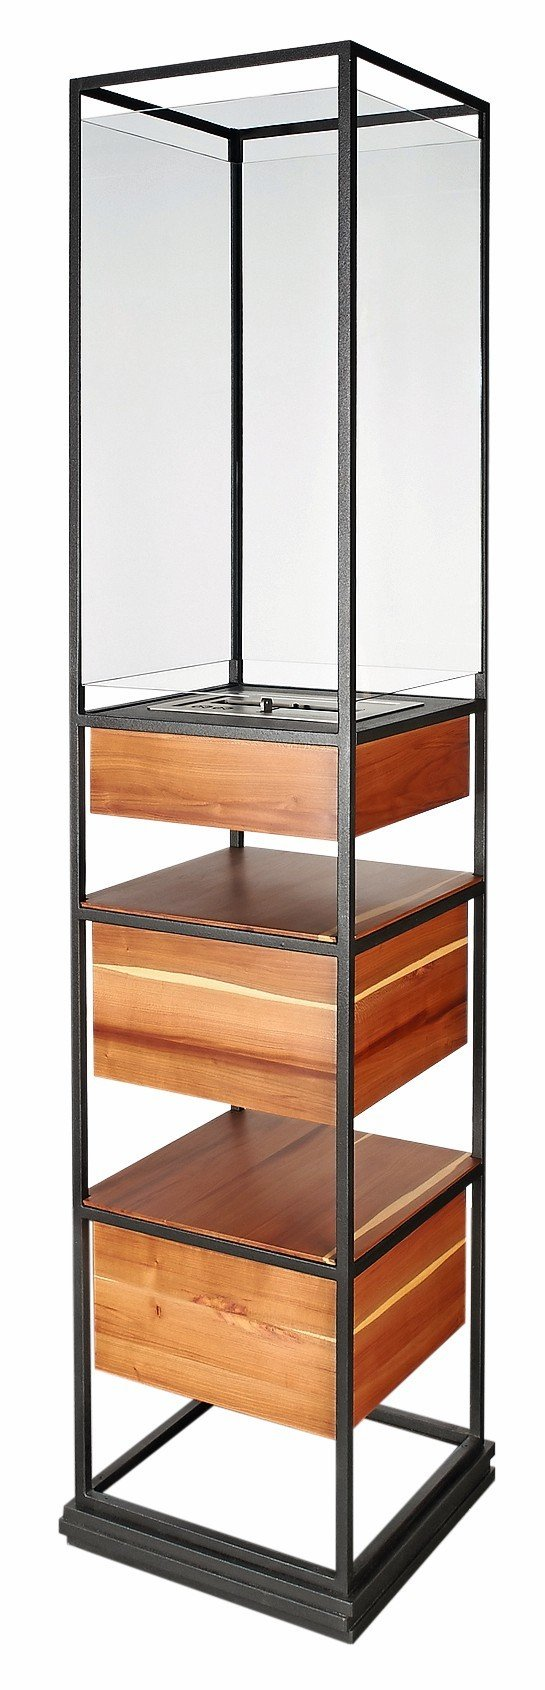 Möbel Radolfzell nachwuchs mit perspektive dds das magazin für möbel und ausbau